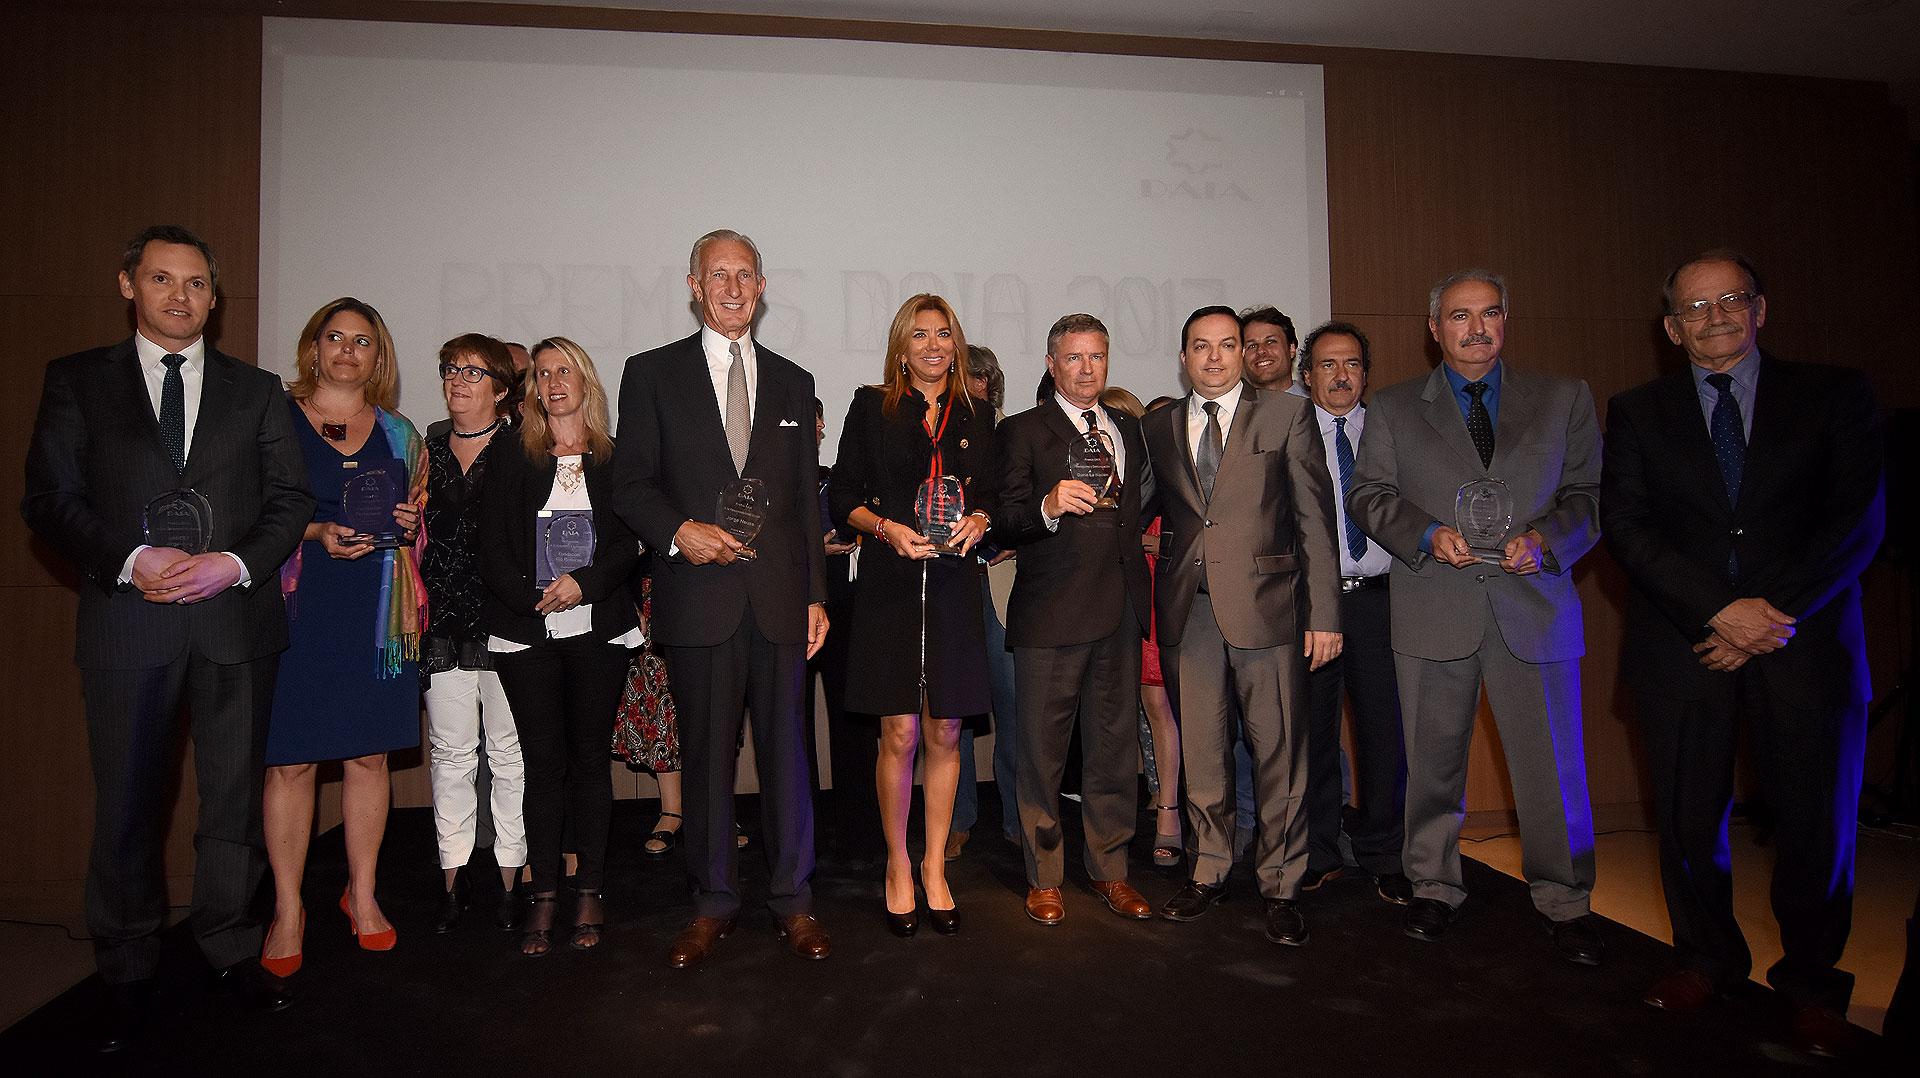 La foto grupal con todos los ganadores de los Premios DAIA 2017 /// Fotos: Nicolás Stulberg